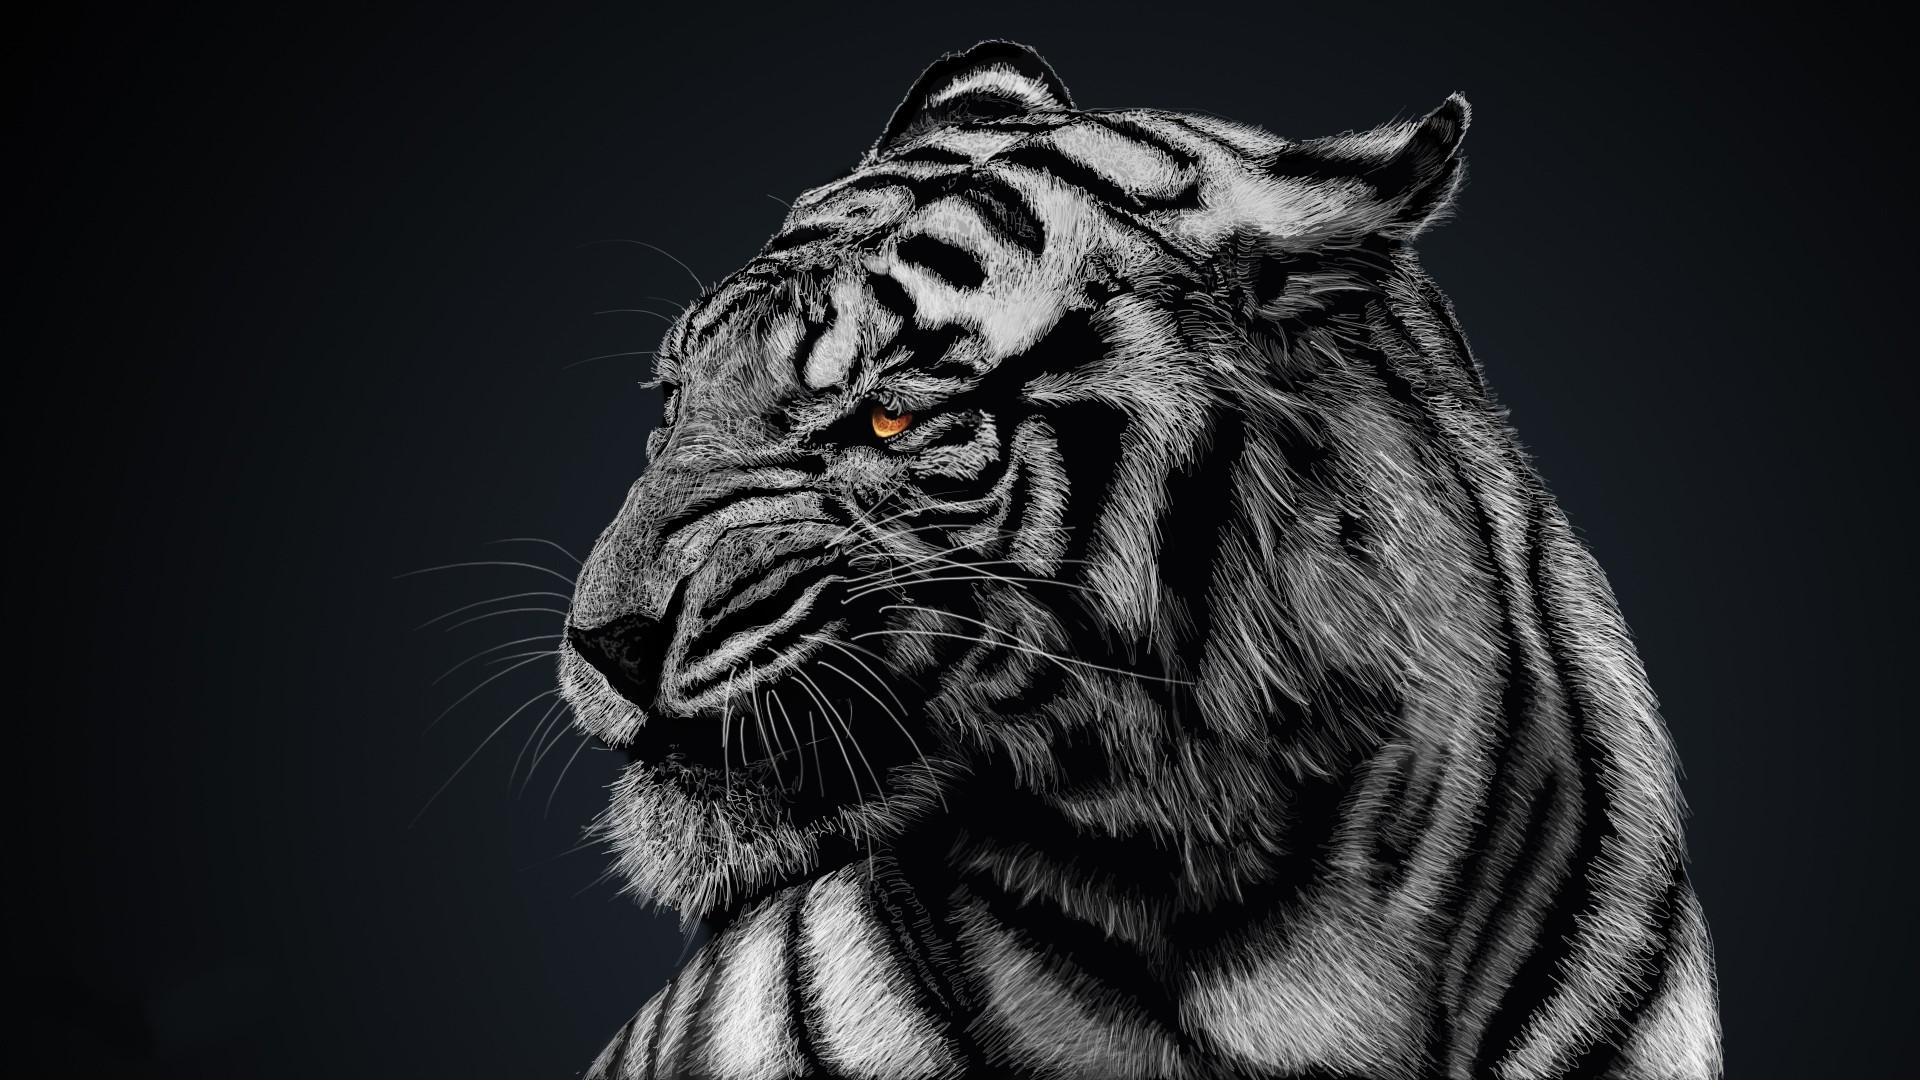 онлайн картинка тигренок на черном фоне данной статье